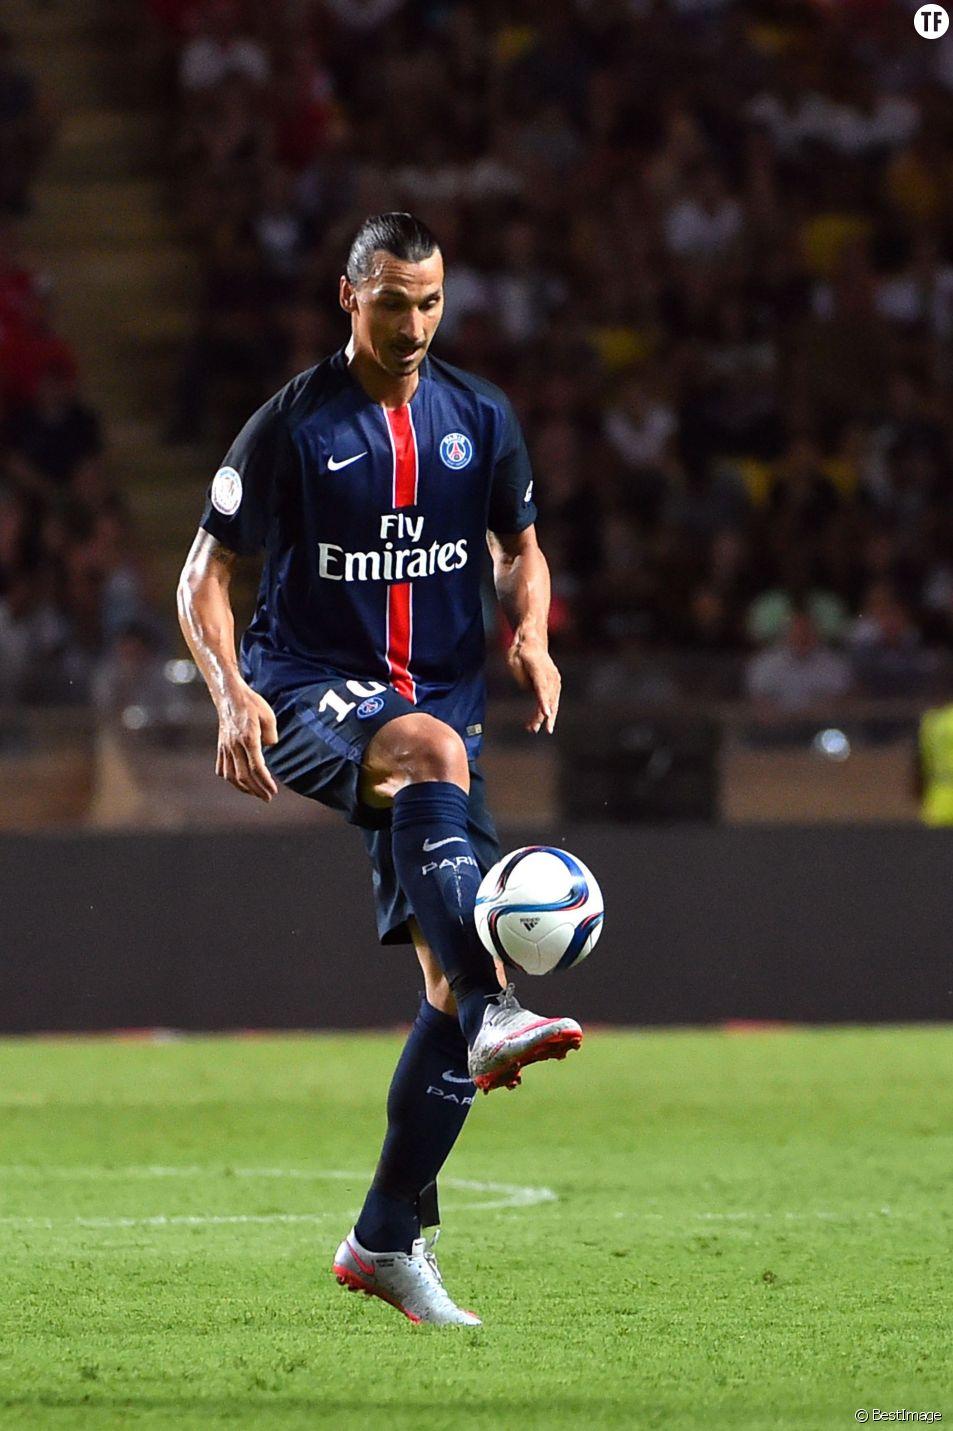 Zlatan Ibrahimovic - Match de football entre le Psg et l'AS Monaco lors de la quatrième journée de Ligue1 au stade Louis II à Monaco le 30 aout 2015. Grâce à un doublé d'Edinson Cavani (57e et 73e) et un but d'Ezequiel Lavezzi (83e), le Paris Saint-Germain s'impose facilement contre Monaco au Stade Louis II (3-0).